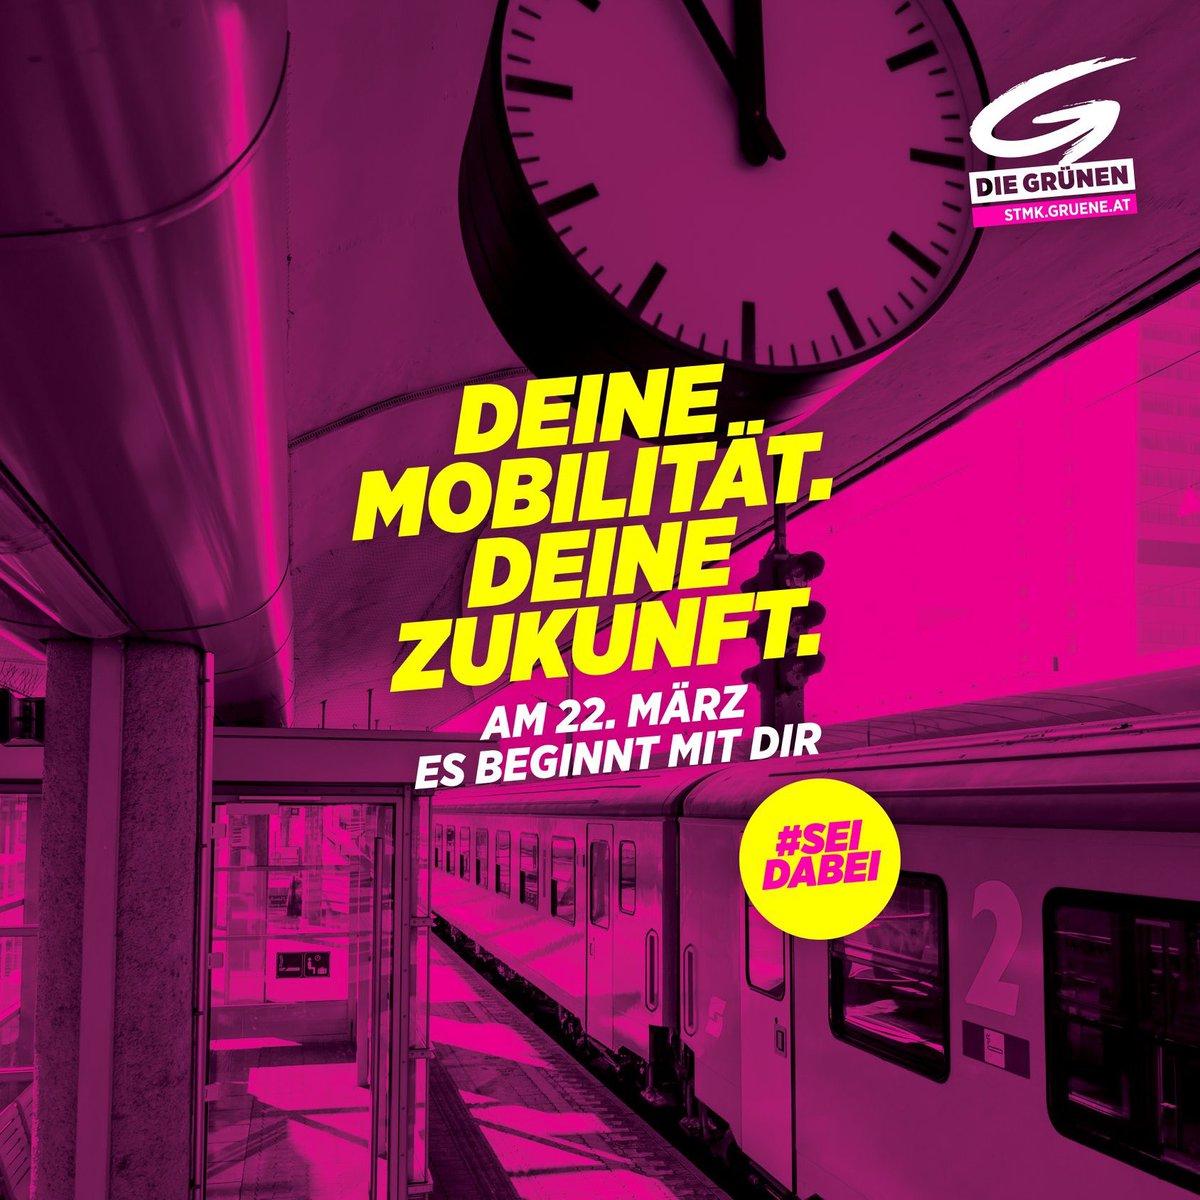 Am 22. März liegt es in deiner Hand : Machen wir gemeinsam Klima- und Umweltschutz in deiner Gemeinde stark.  Denn es ist deine Gemeinde, es ist deine Zukunft. #esbeginntmitdir #Steiermark #grw2020pic.twitter.com/5MMGv4fy5q